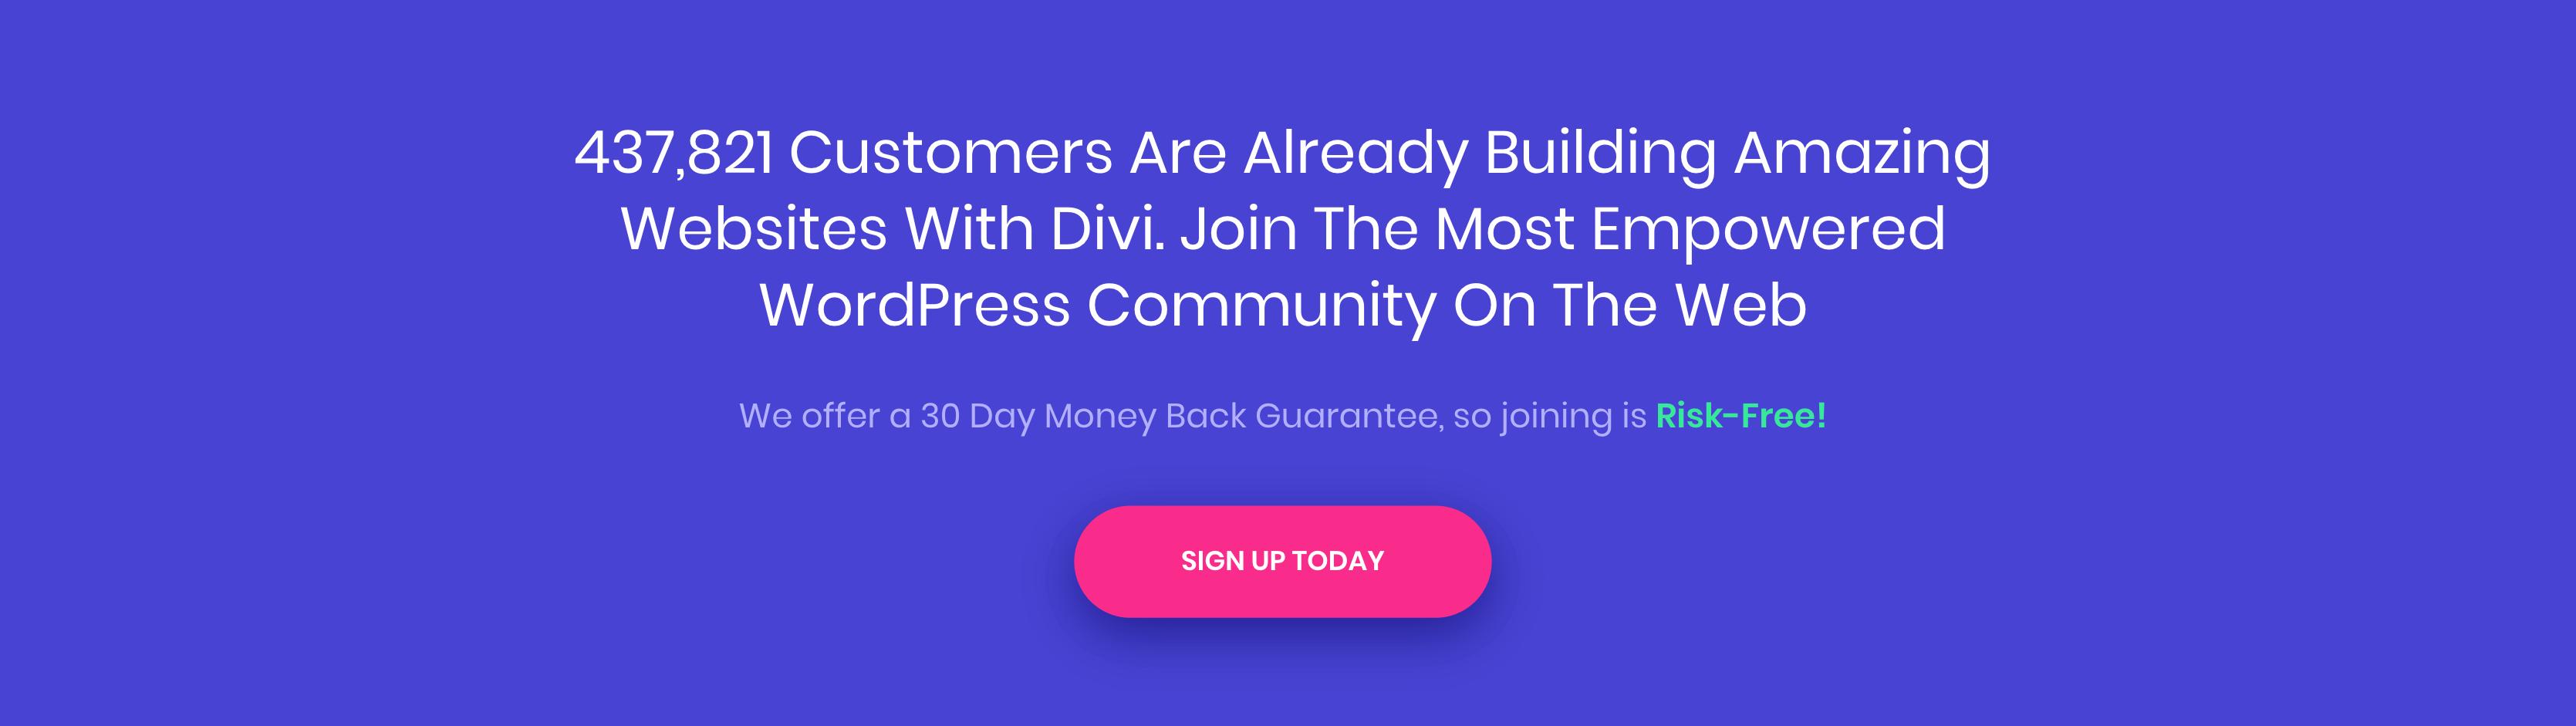 Divi's social proof marker on the website.